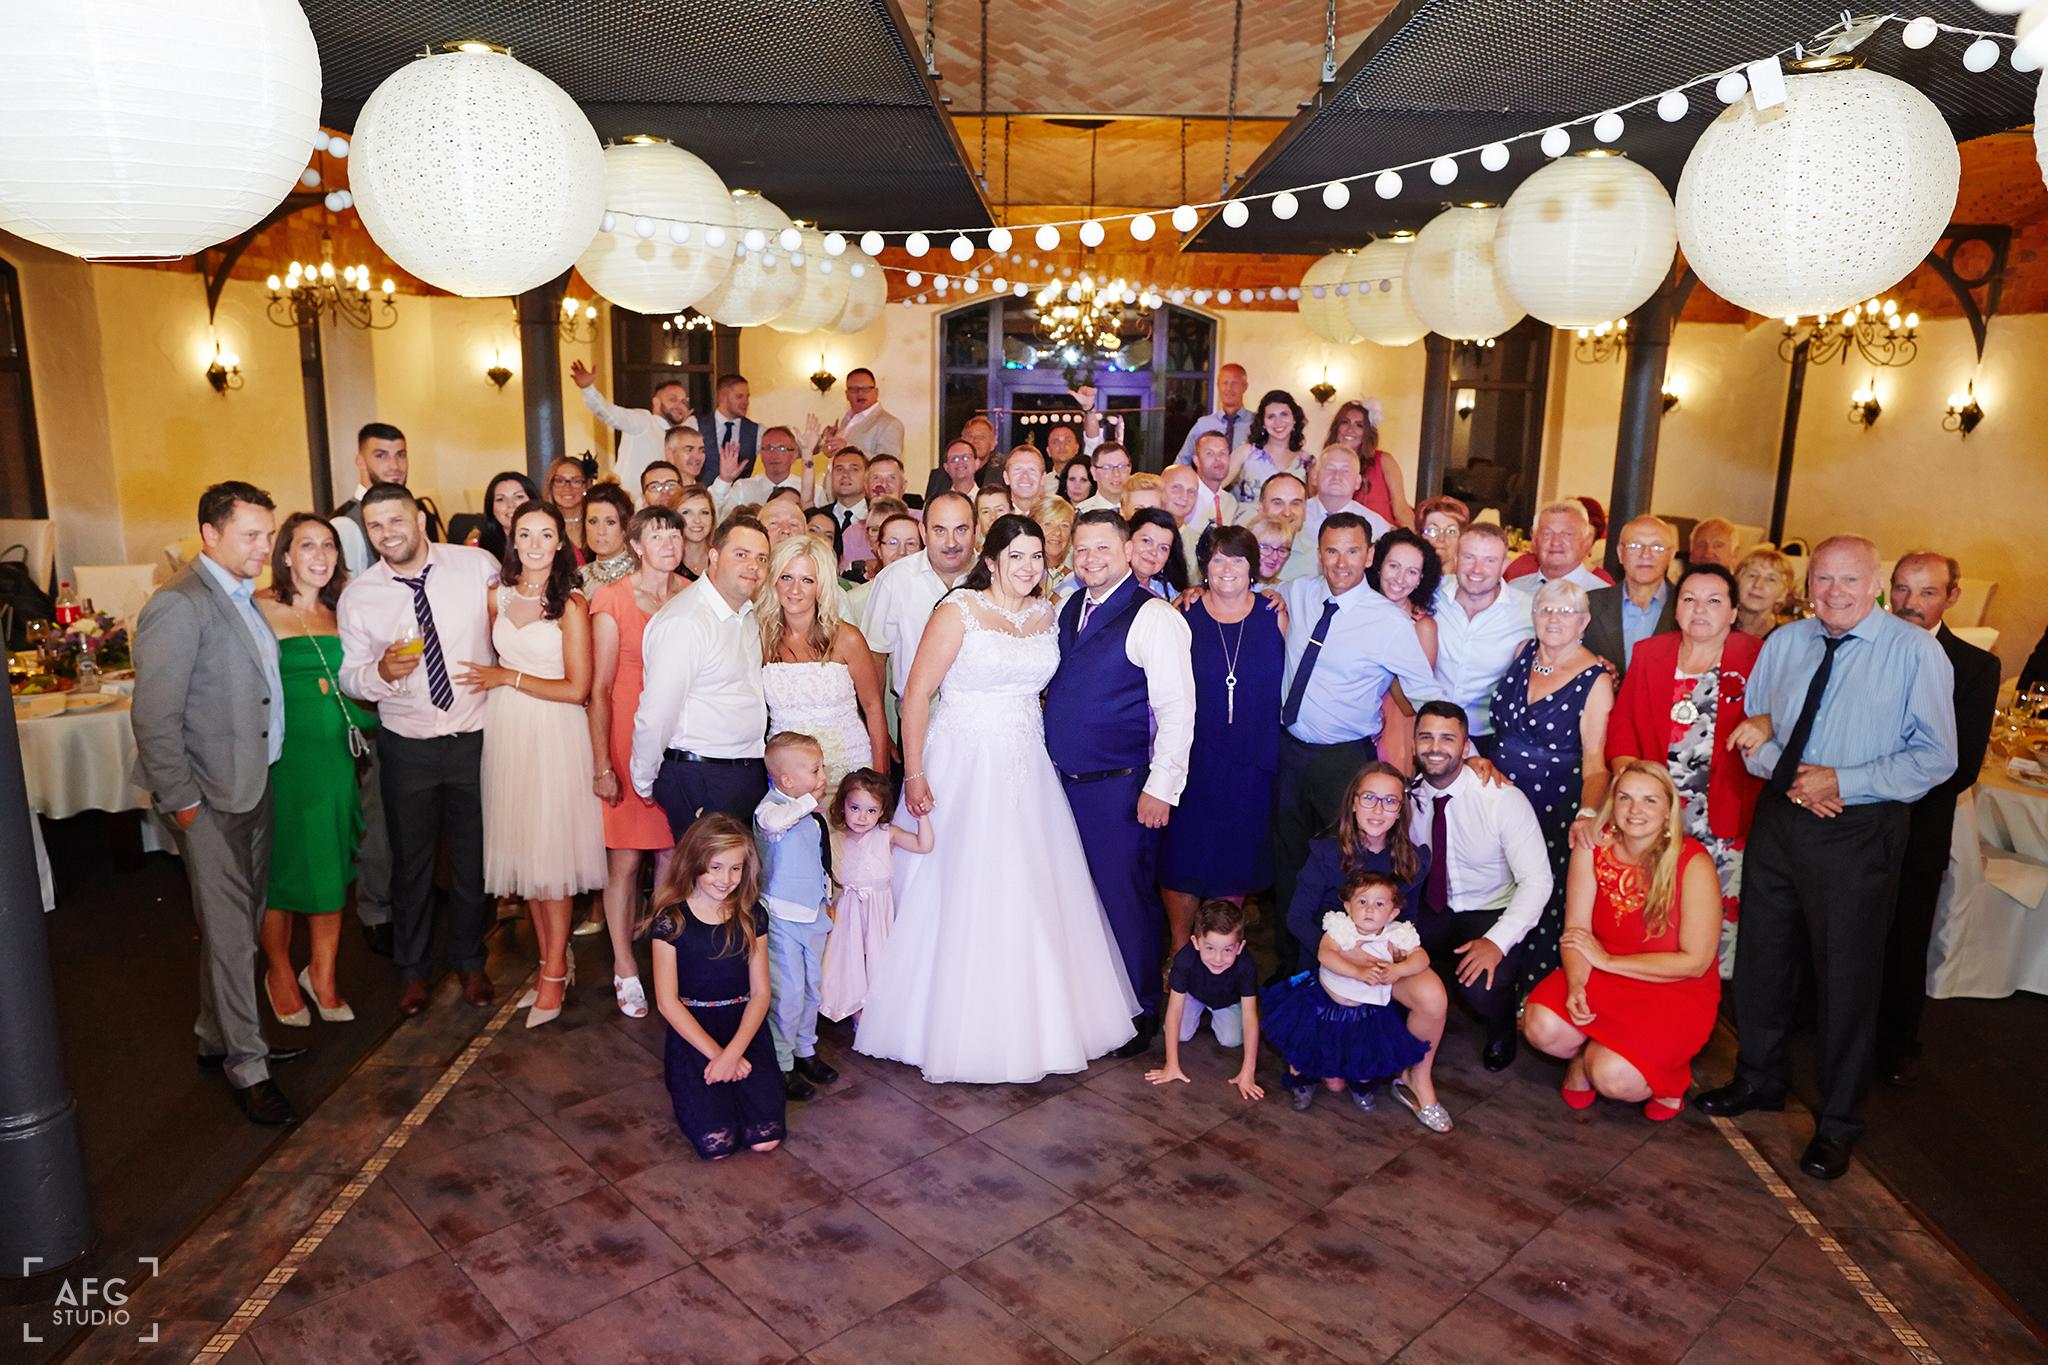 zdjęcie grupowe, wesele, para młoda